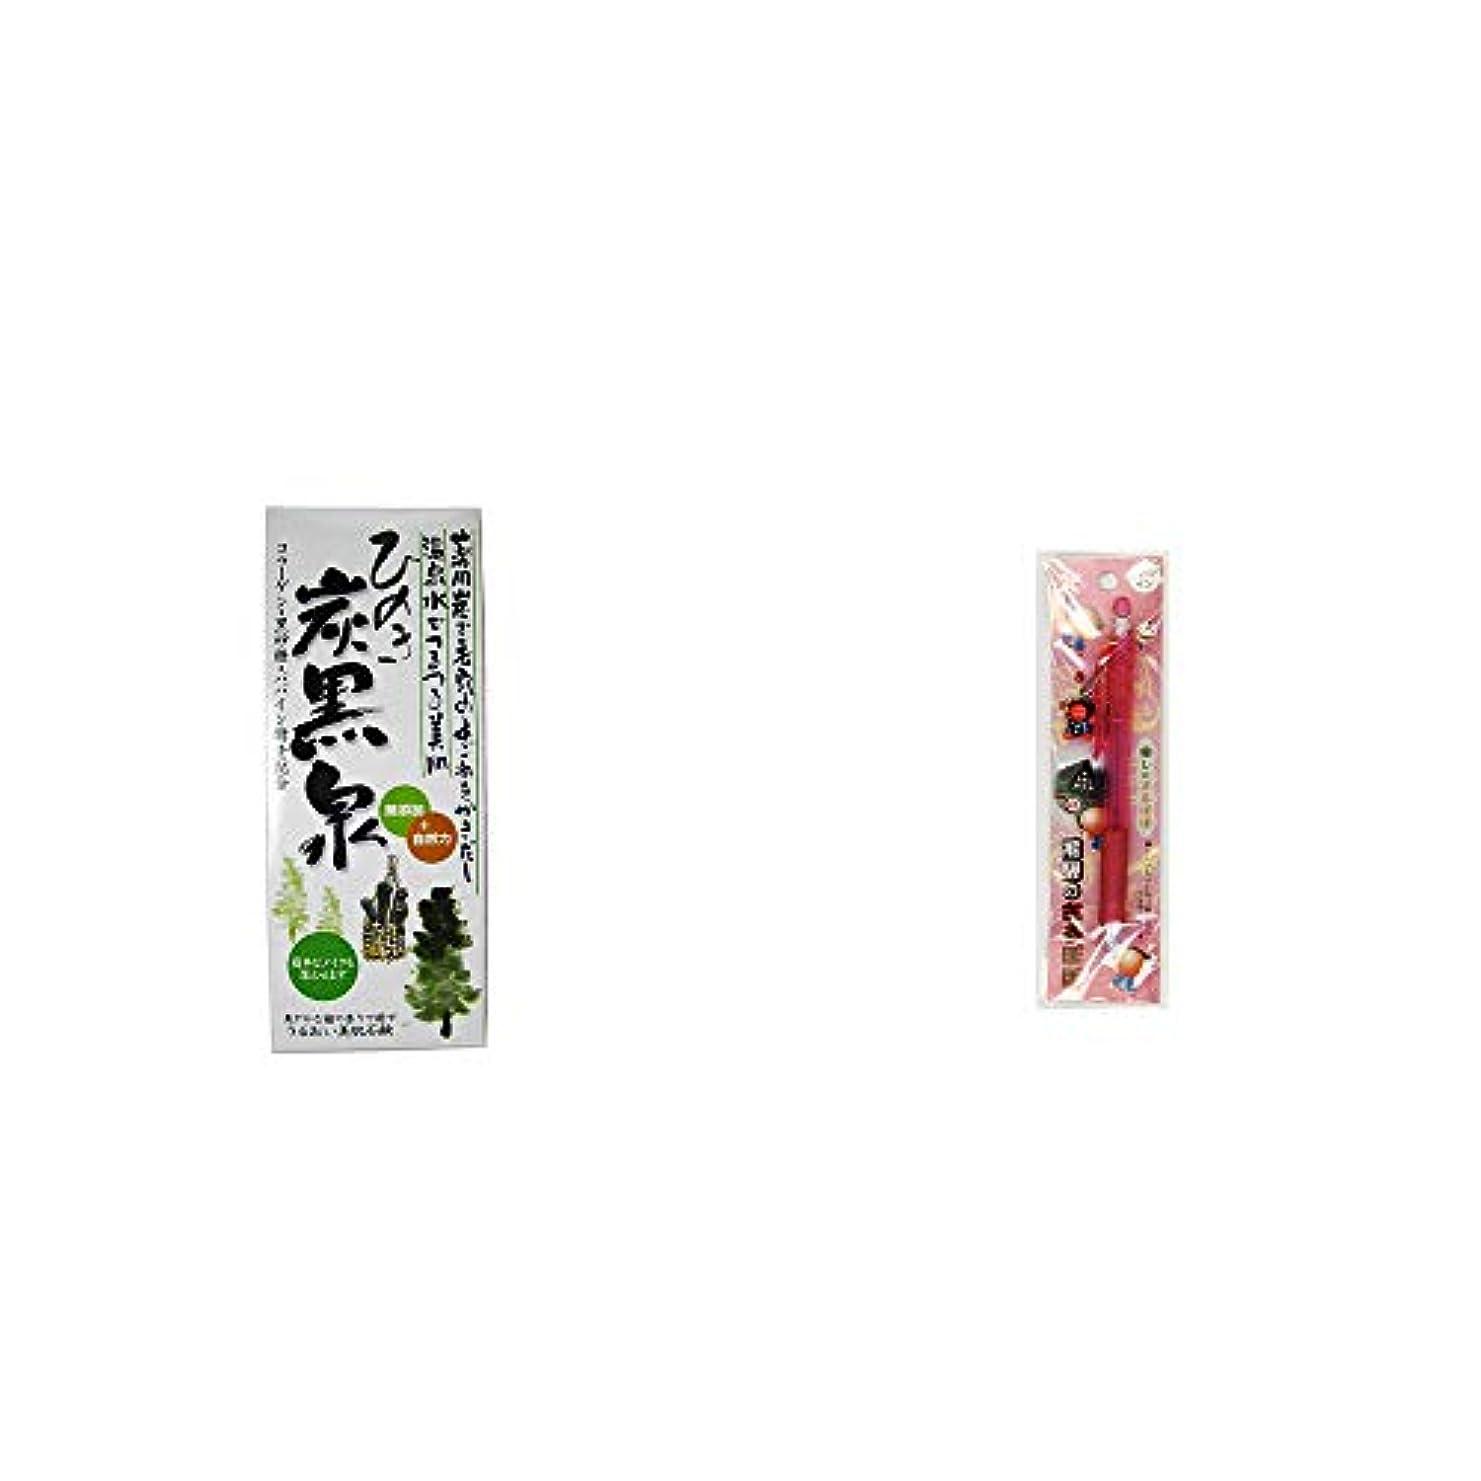 フラスコ文芸レイアウト[2点セット] ひのき炭黒泉 箱入り(75g×3)?さるぼぼ 癒しシャープペン 【ピンク】